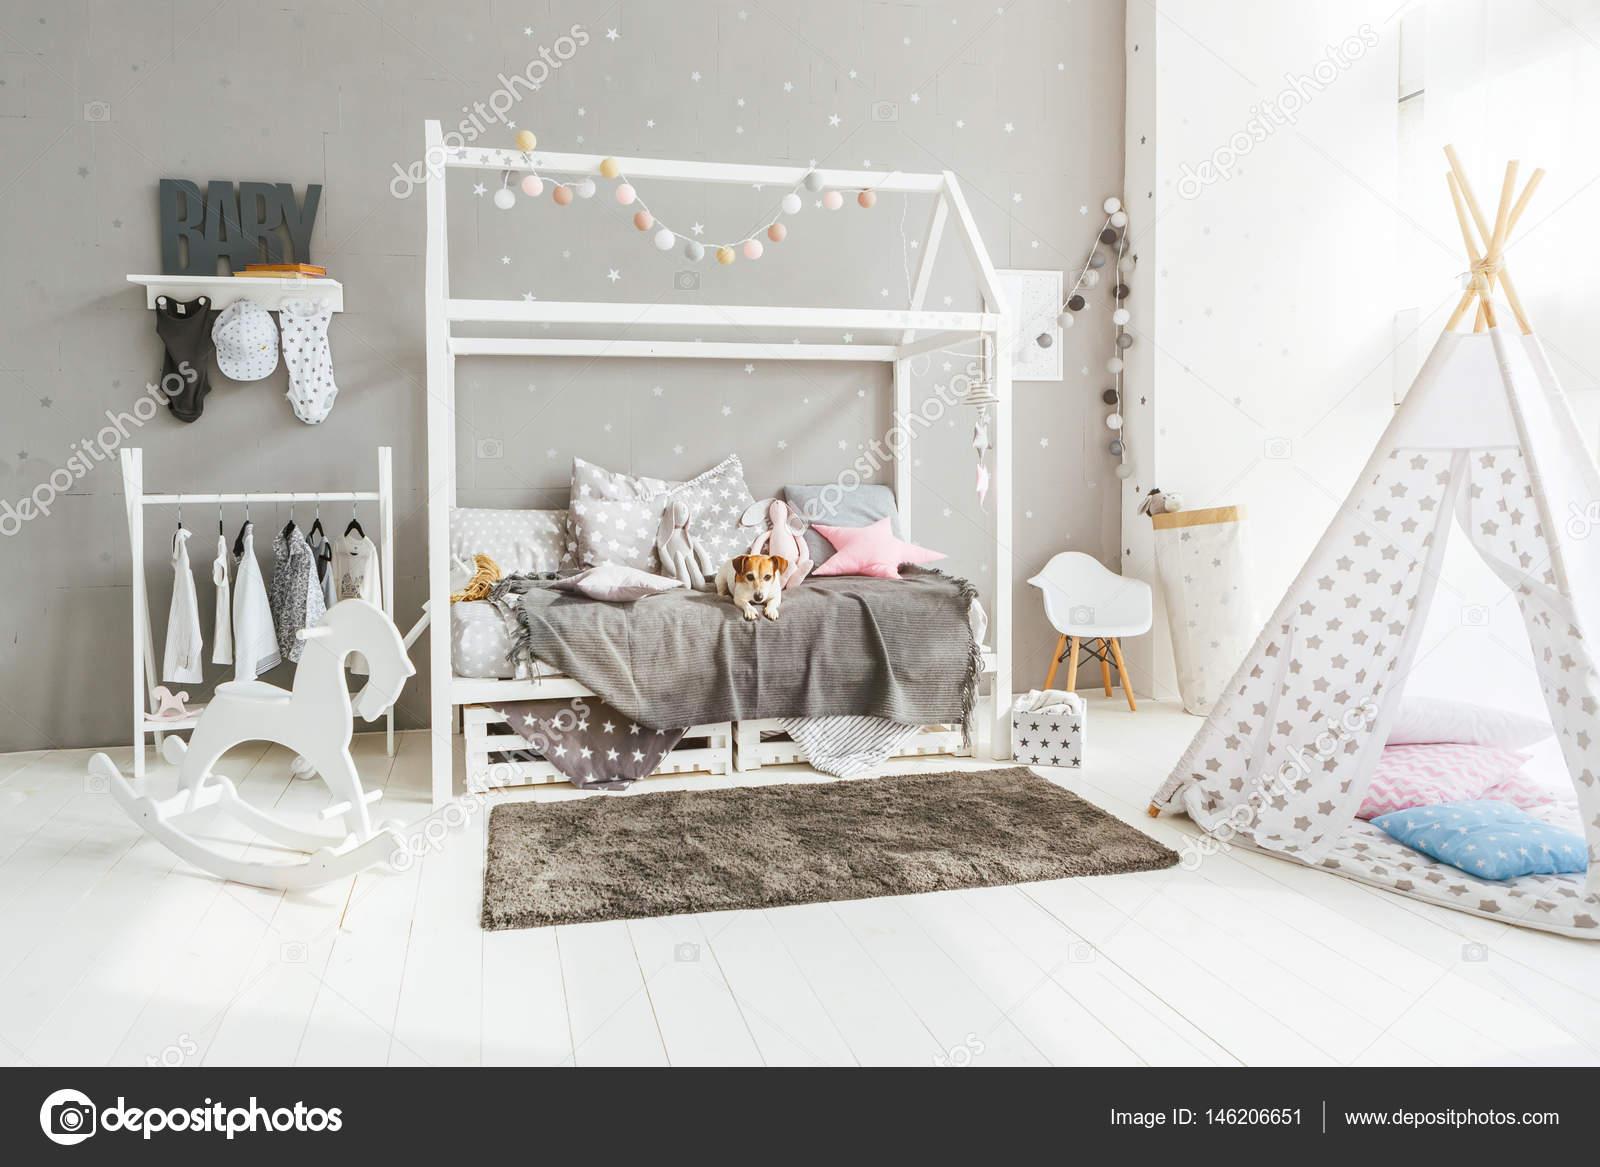 Beeindruckend Kinderzimmer Bett Referenz Von Mit Hund Auf — Stockfoto